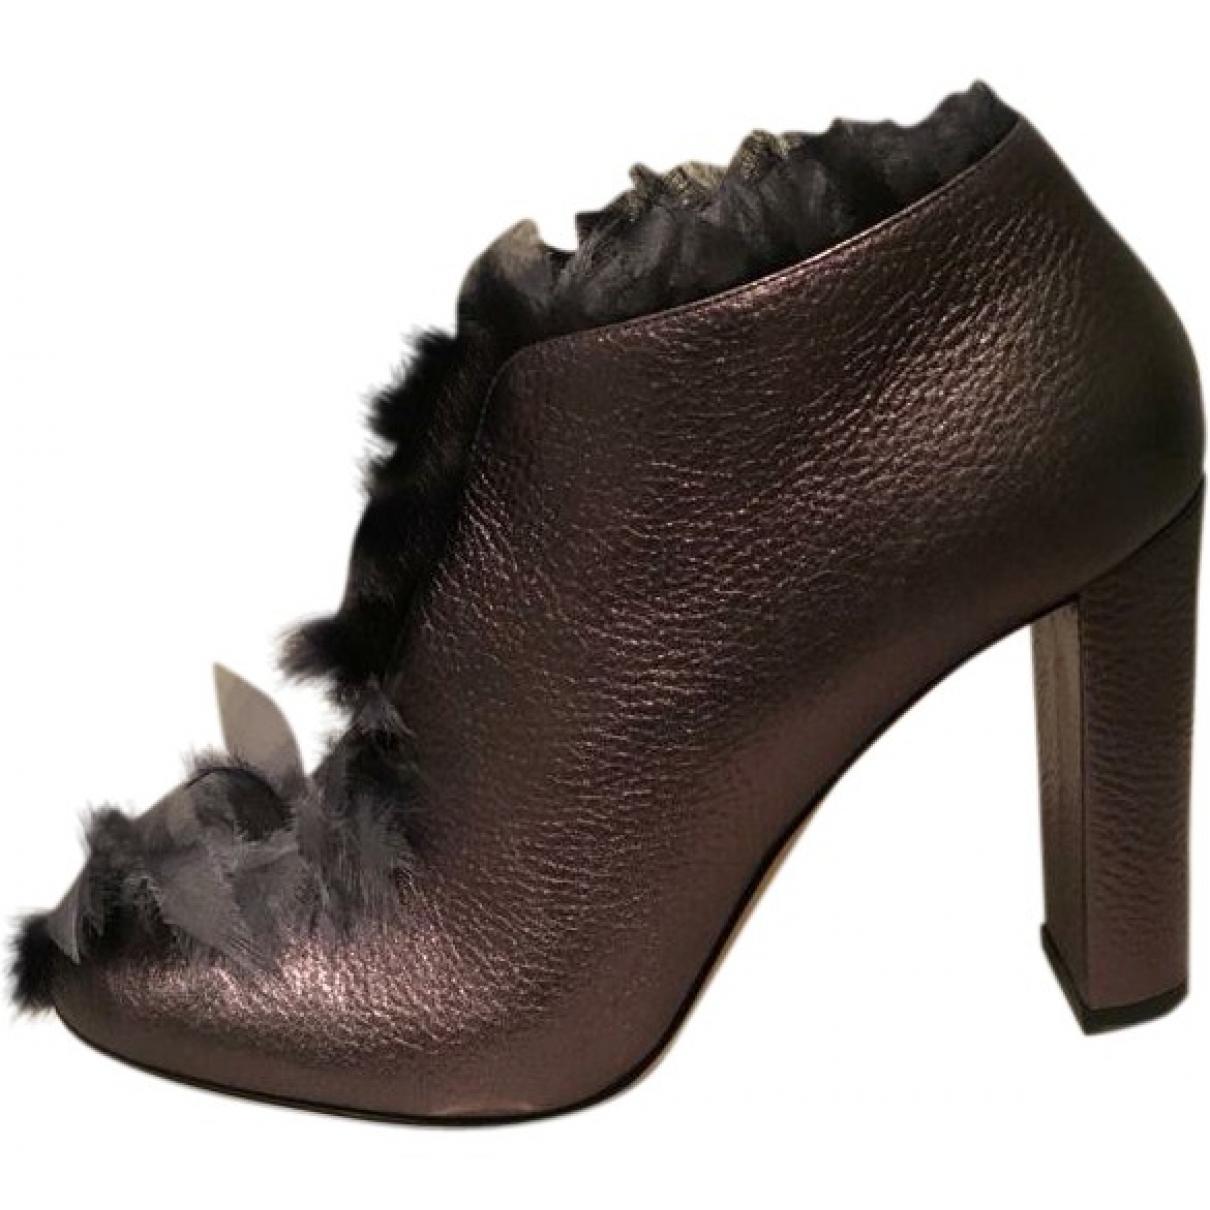 Jimmy Choo - Boots   pour femme en cuir - anthracite